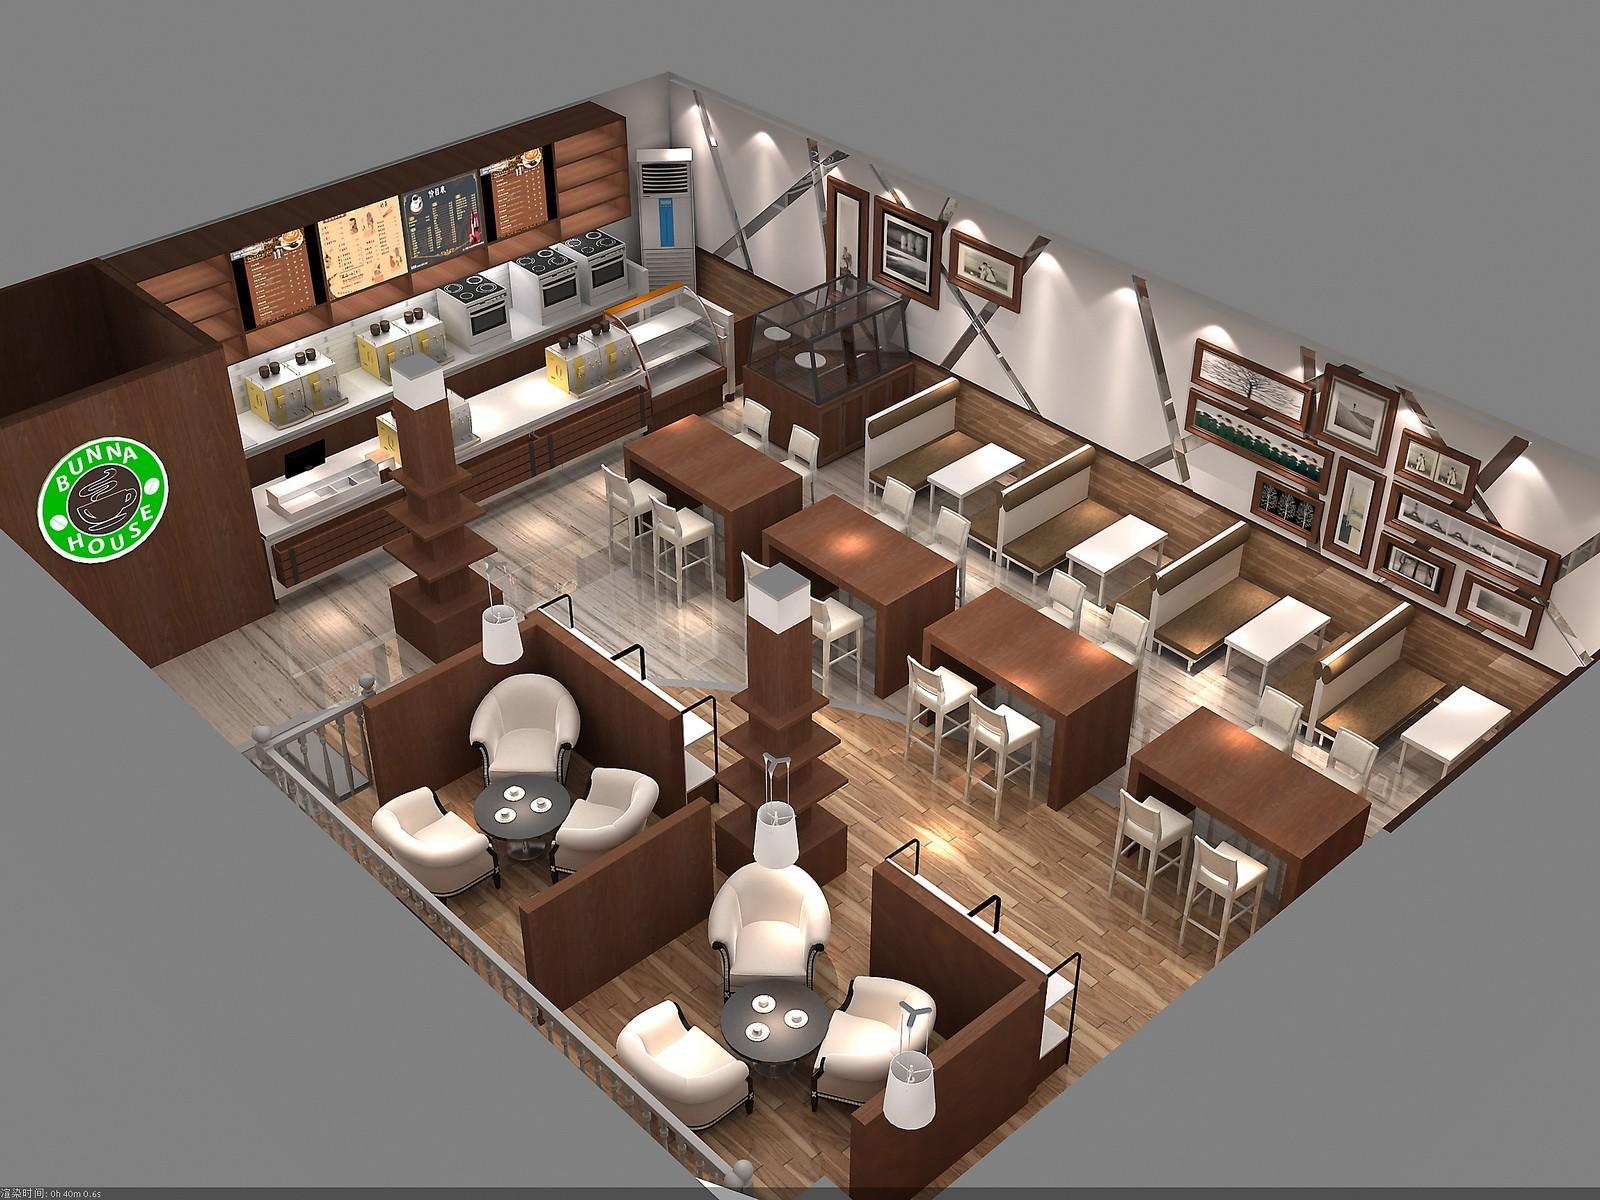 eye-catching coffee bar design modernbulk production for club-3